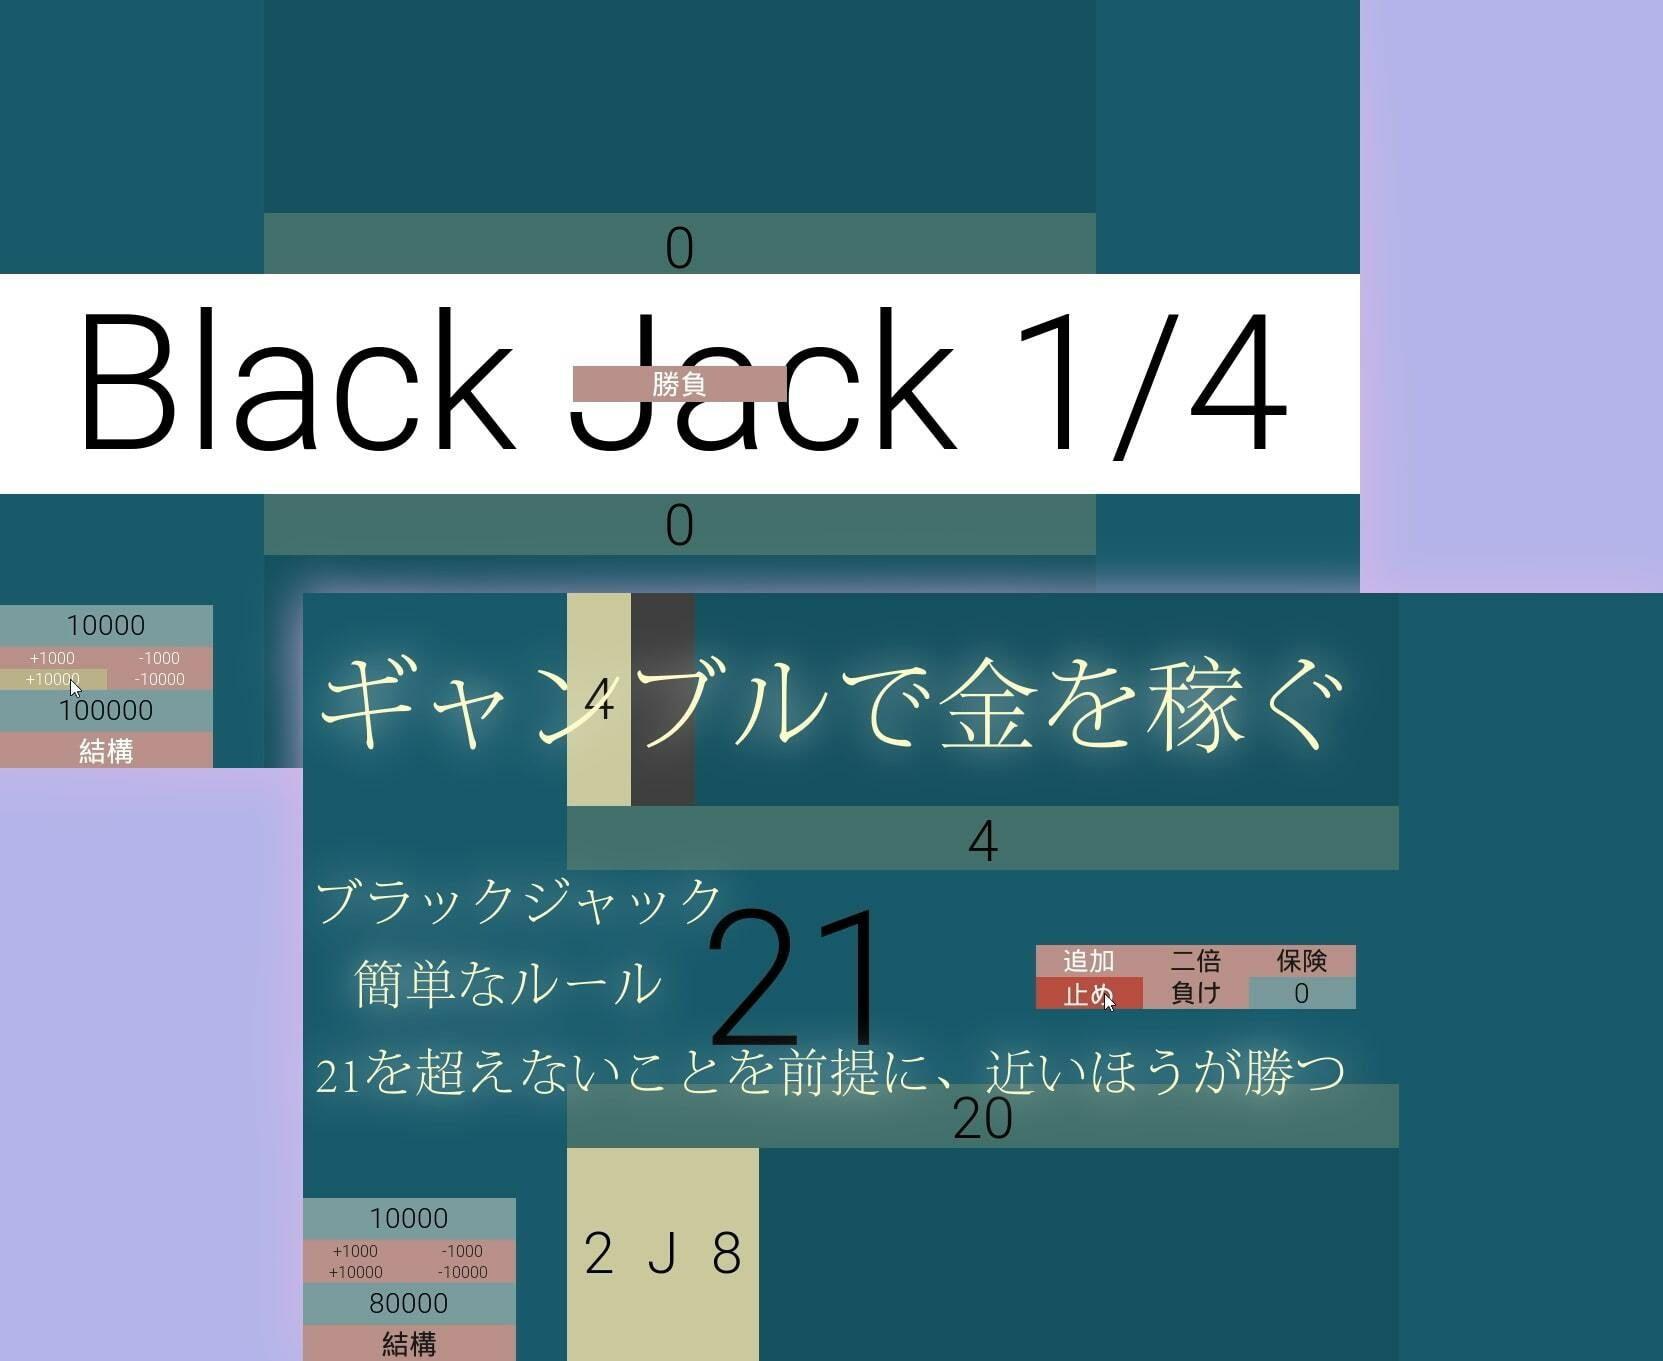 娼女とブラックジャック-幸運の女神はタダじゃない!のサンプル画像2